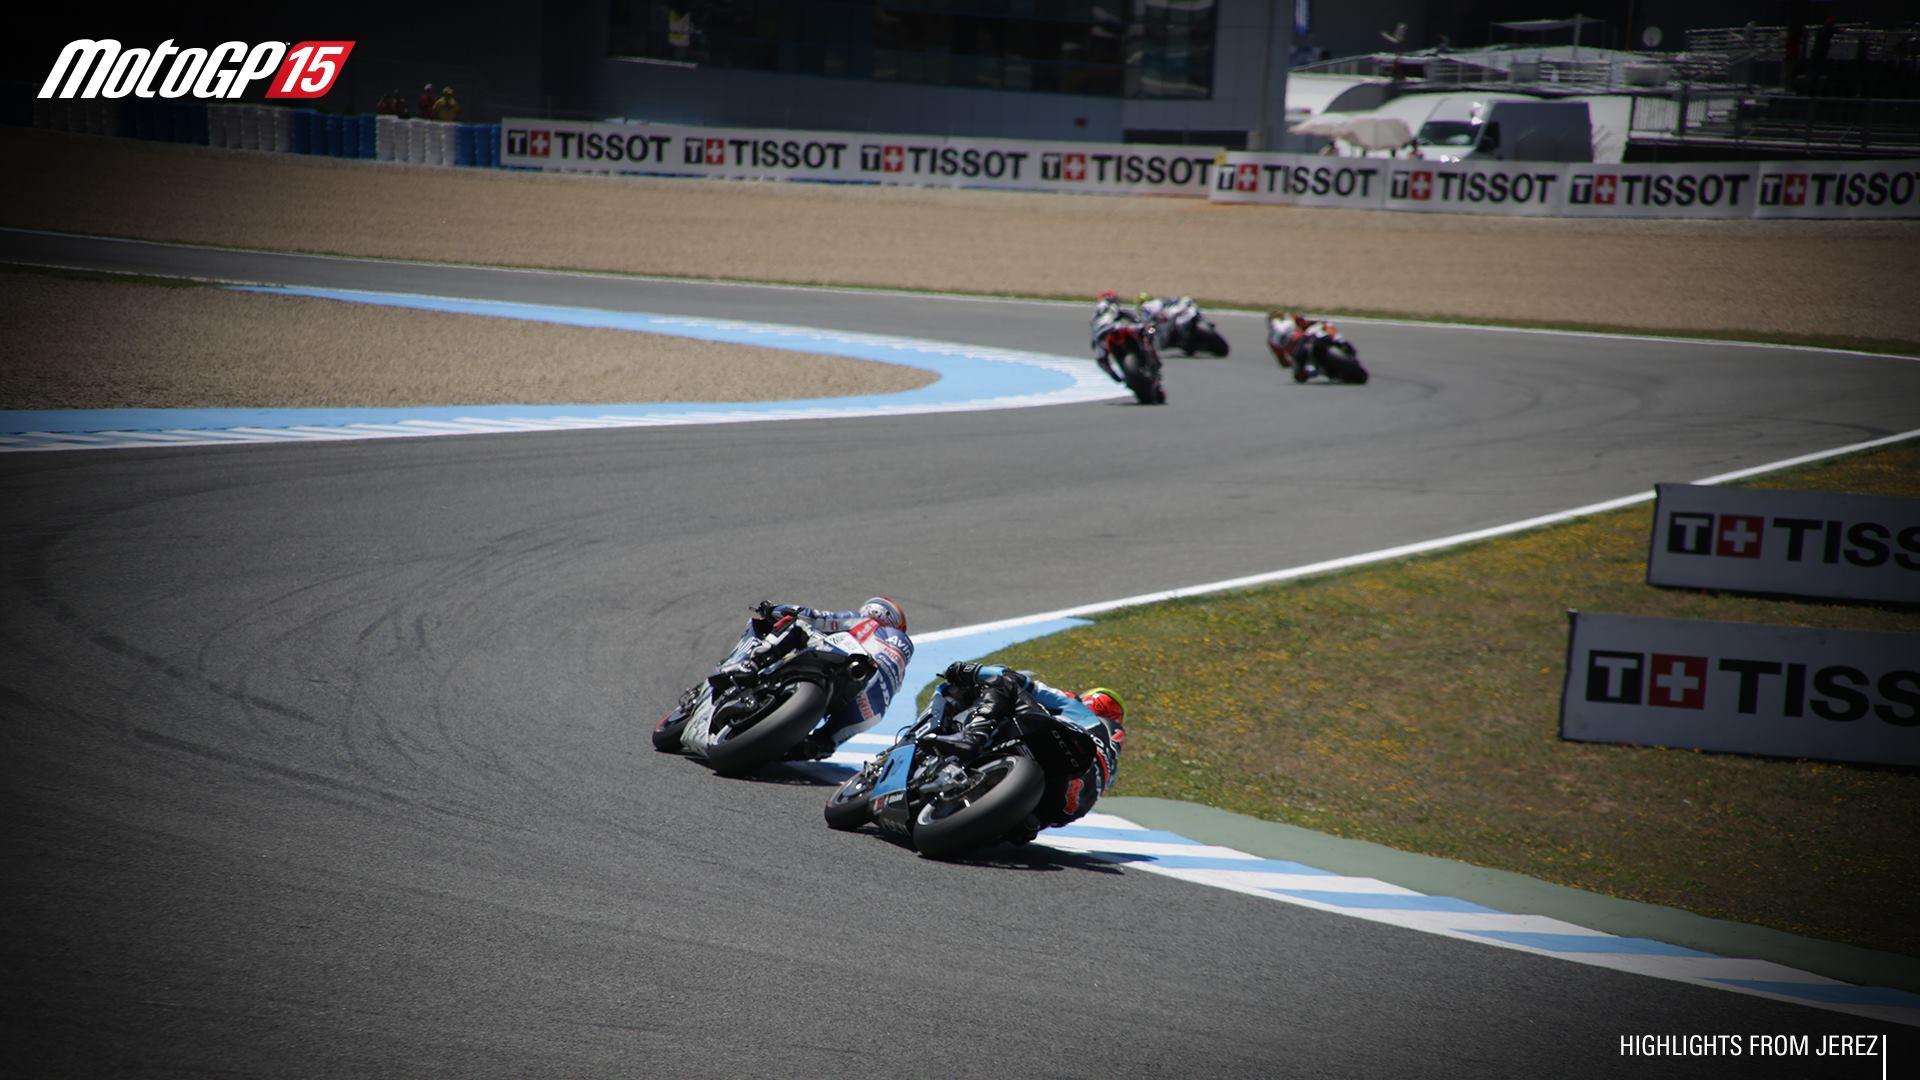 MotoGP 15 debutta il 19 giugno; svelati i bonus delle prenotazioni - IlVideogioco.com